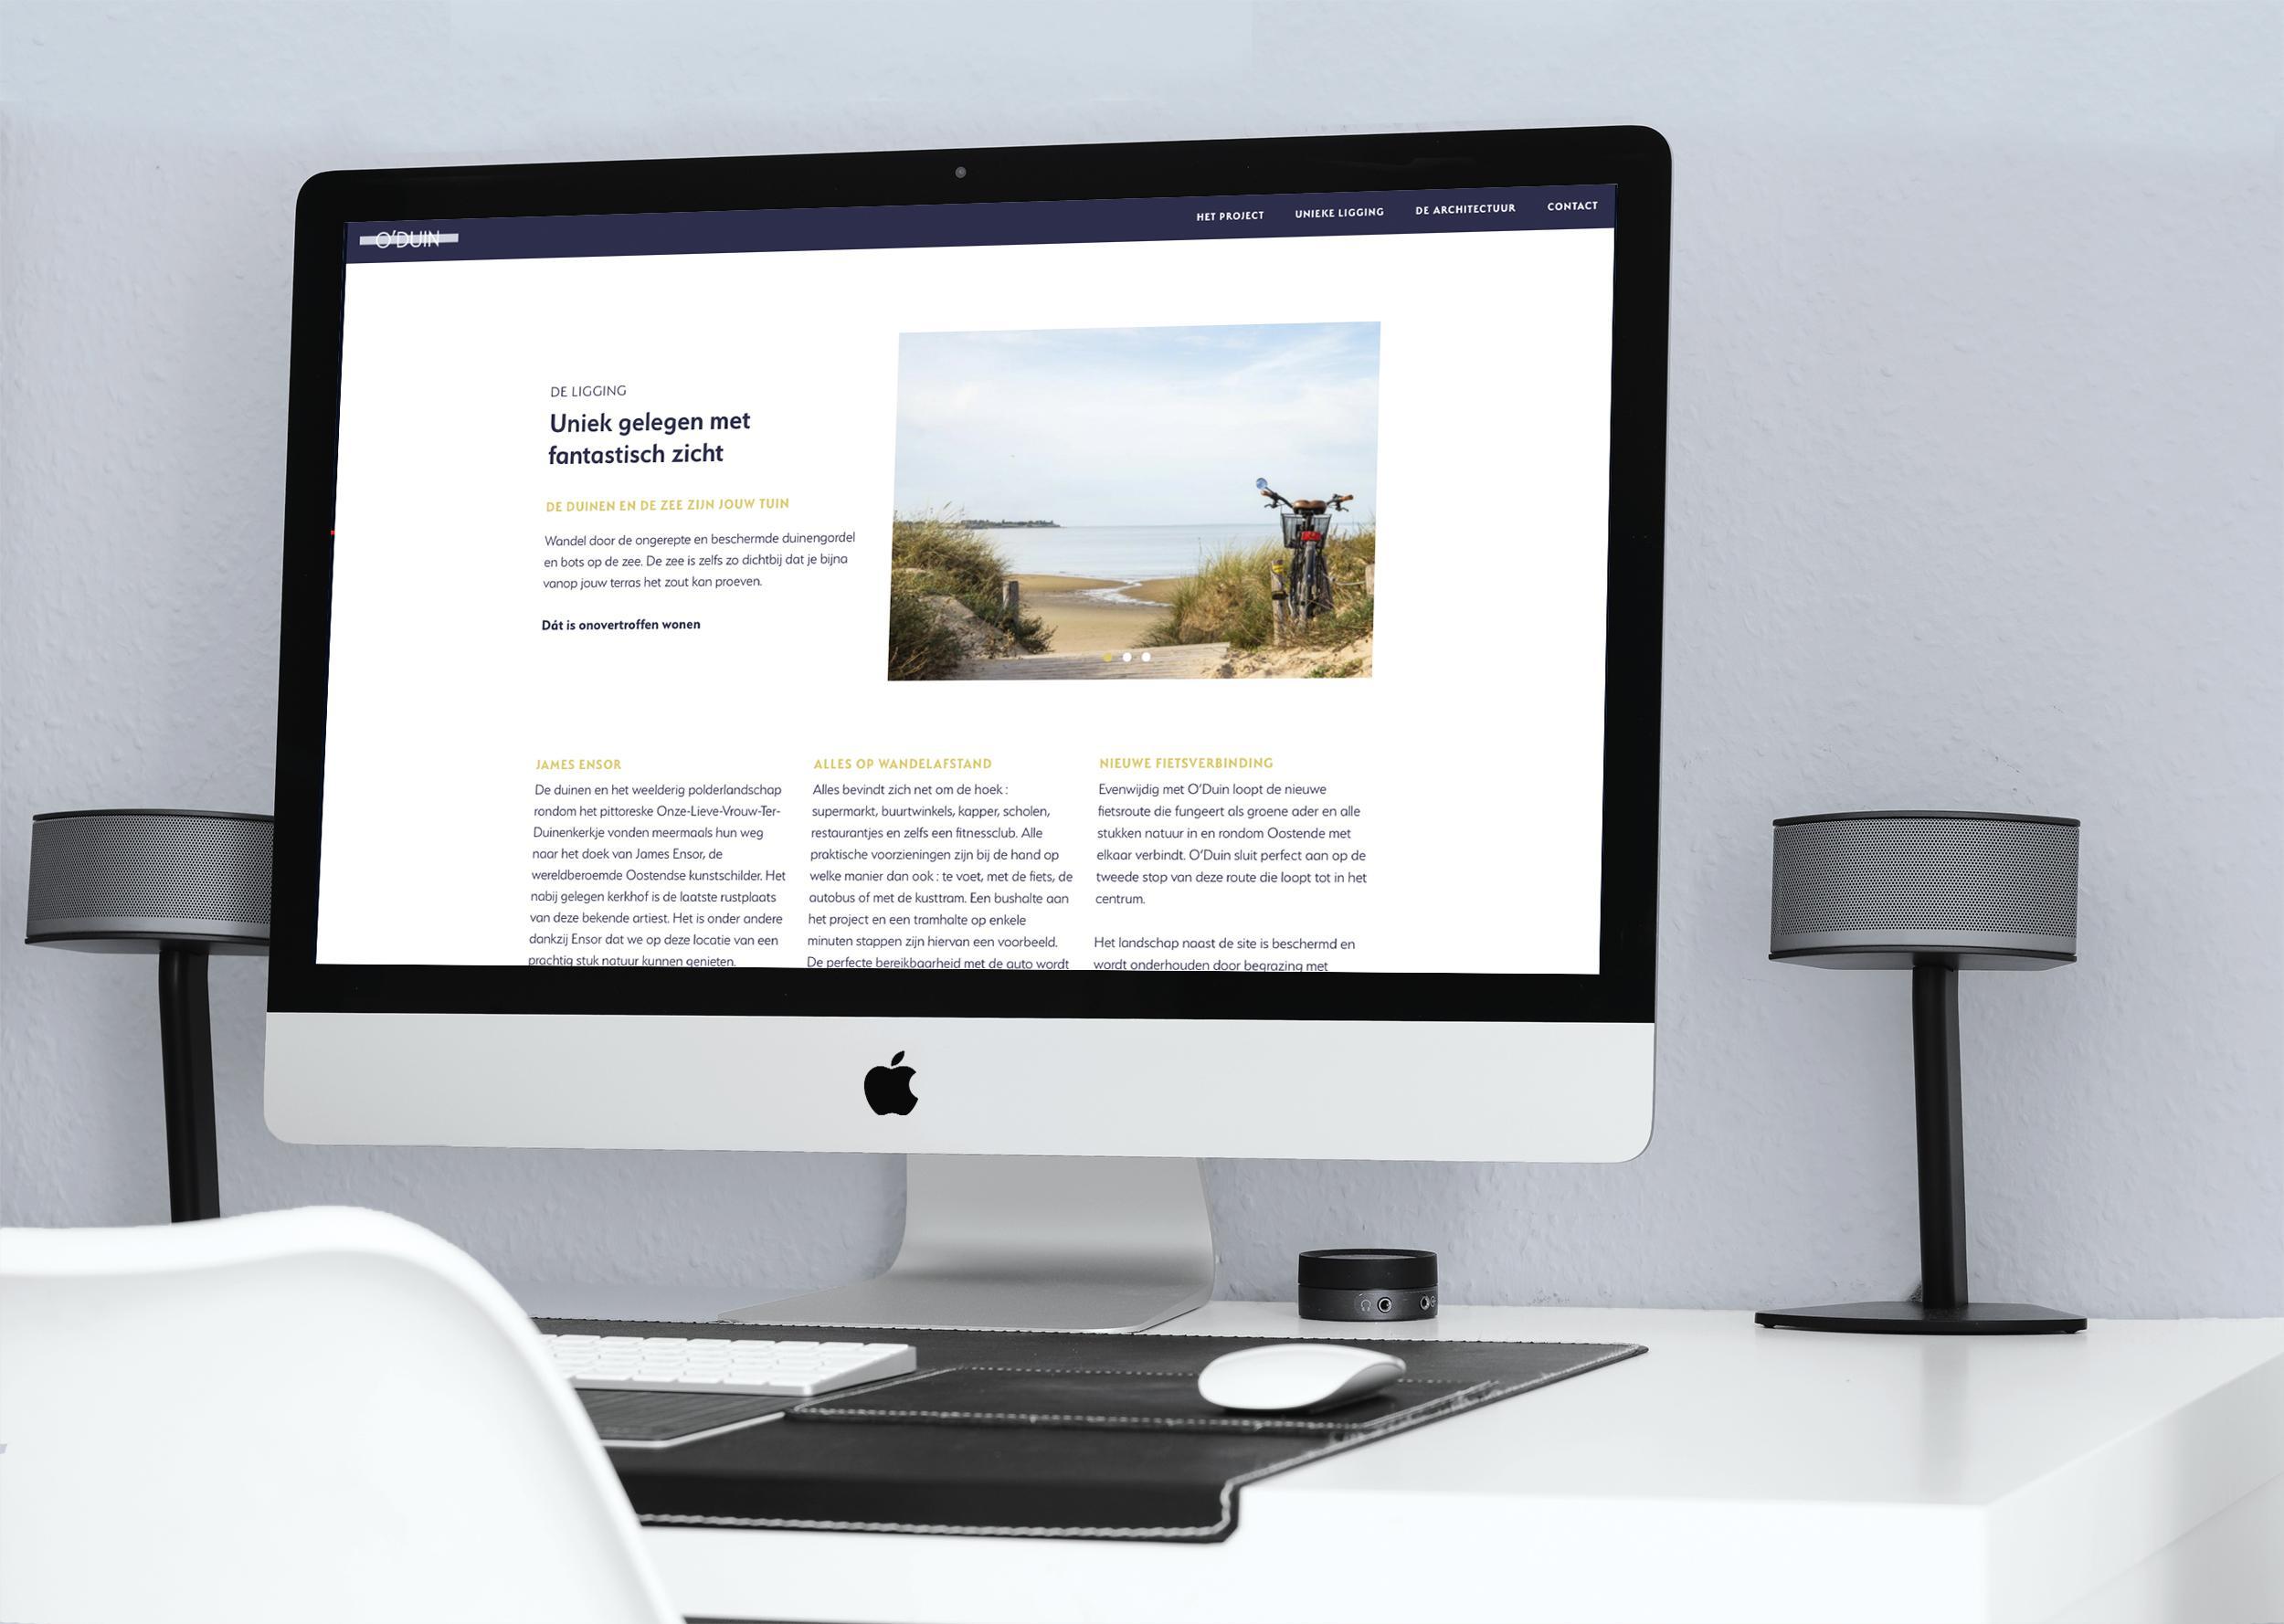 Ontwerp van website en webdevelopment door grafisch bureau Easybranding uit Kortrijk